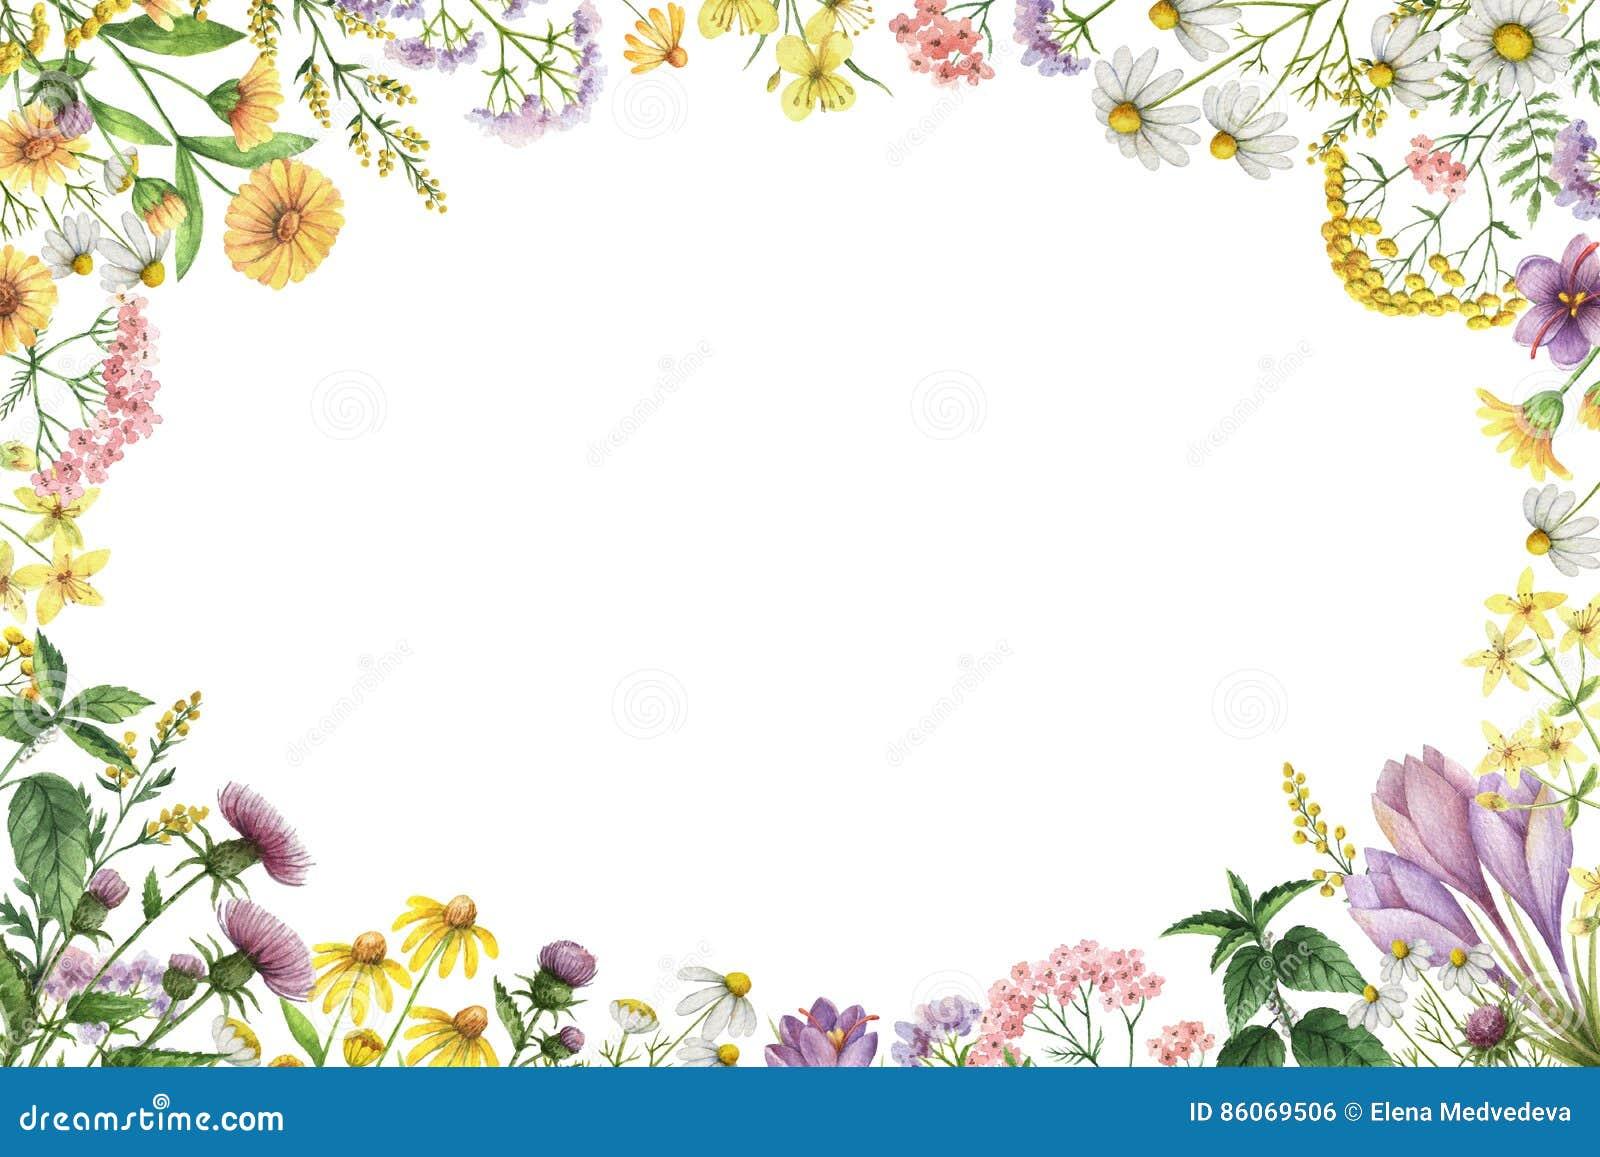 Marco rectangular de la acuarela con las plantas del prado